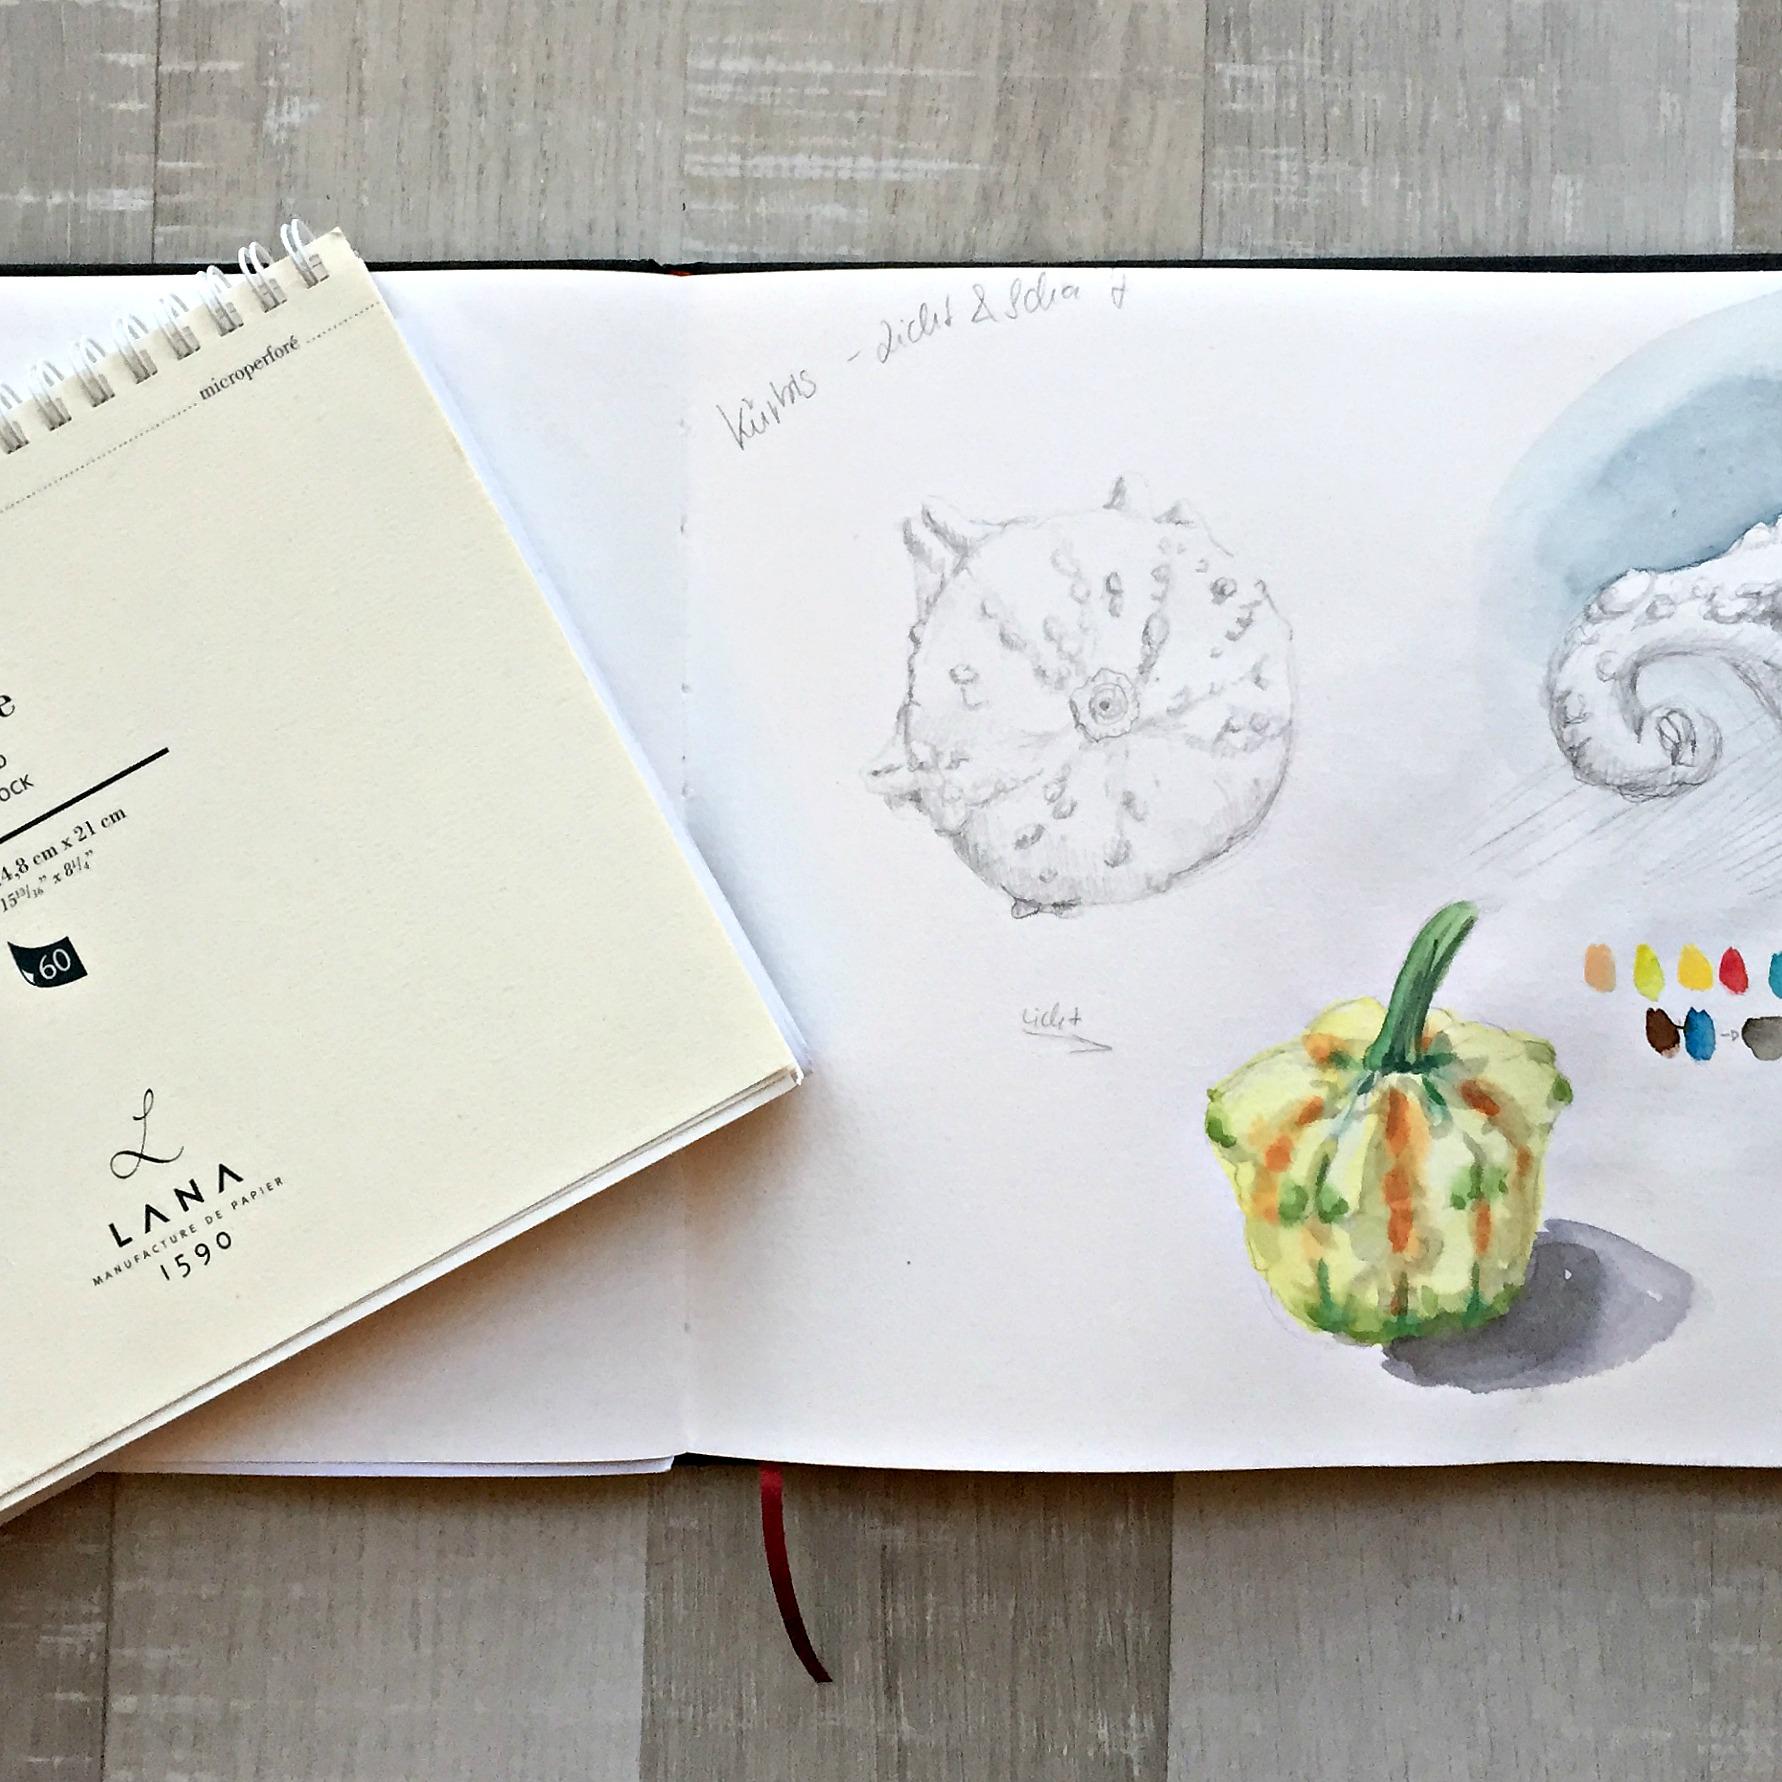 Skizzenbuchwahl - wie findest Du das richtige Skizzebuch für Dich? Alles hängt davon ab, was Du willst. Etwas handliches? Etwas für Aquarell?